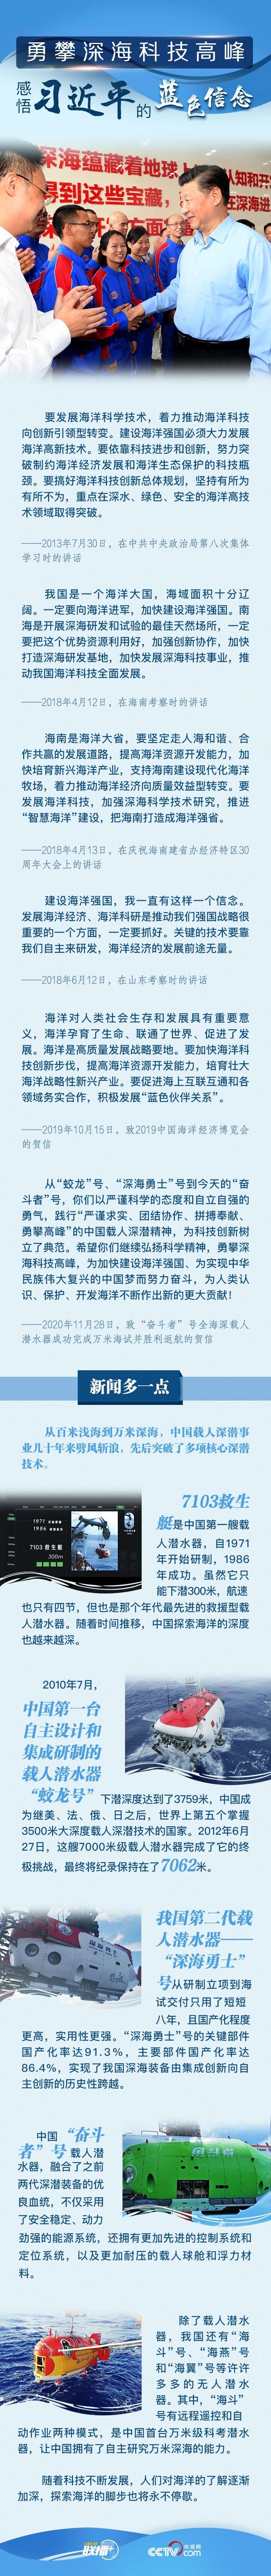 微信图片_20201202092142.jpg